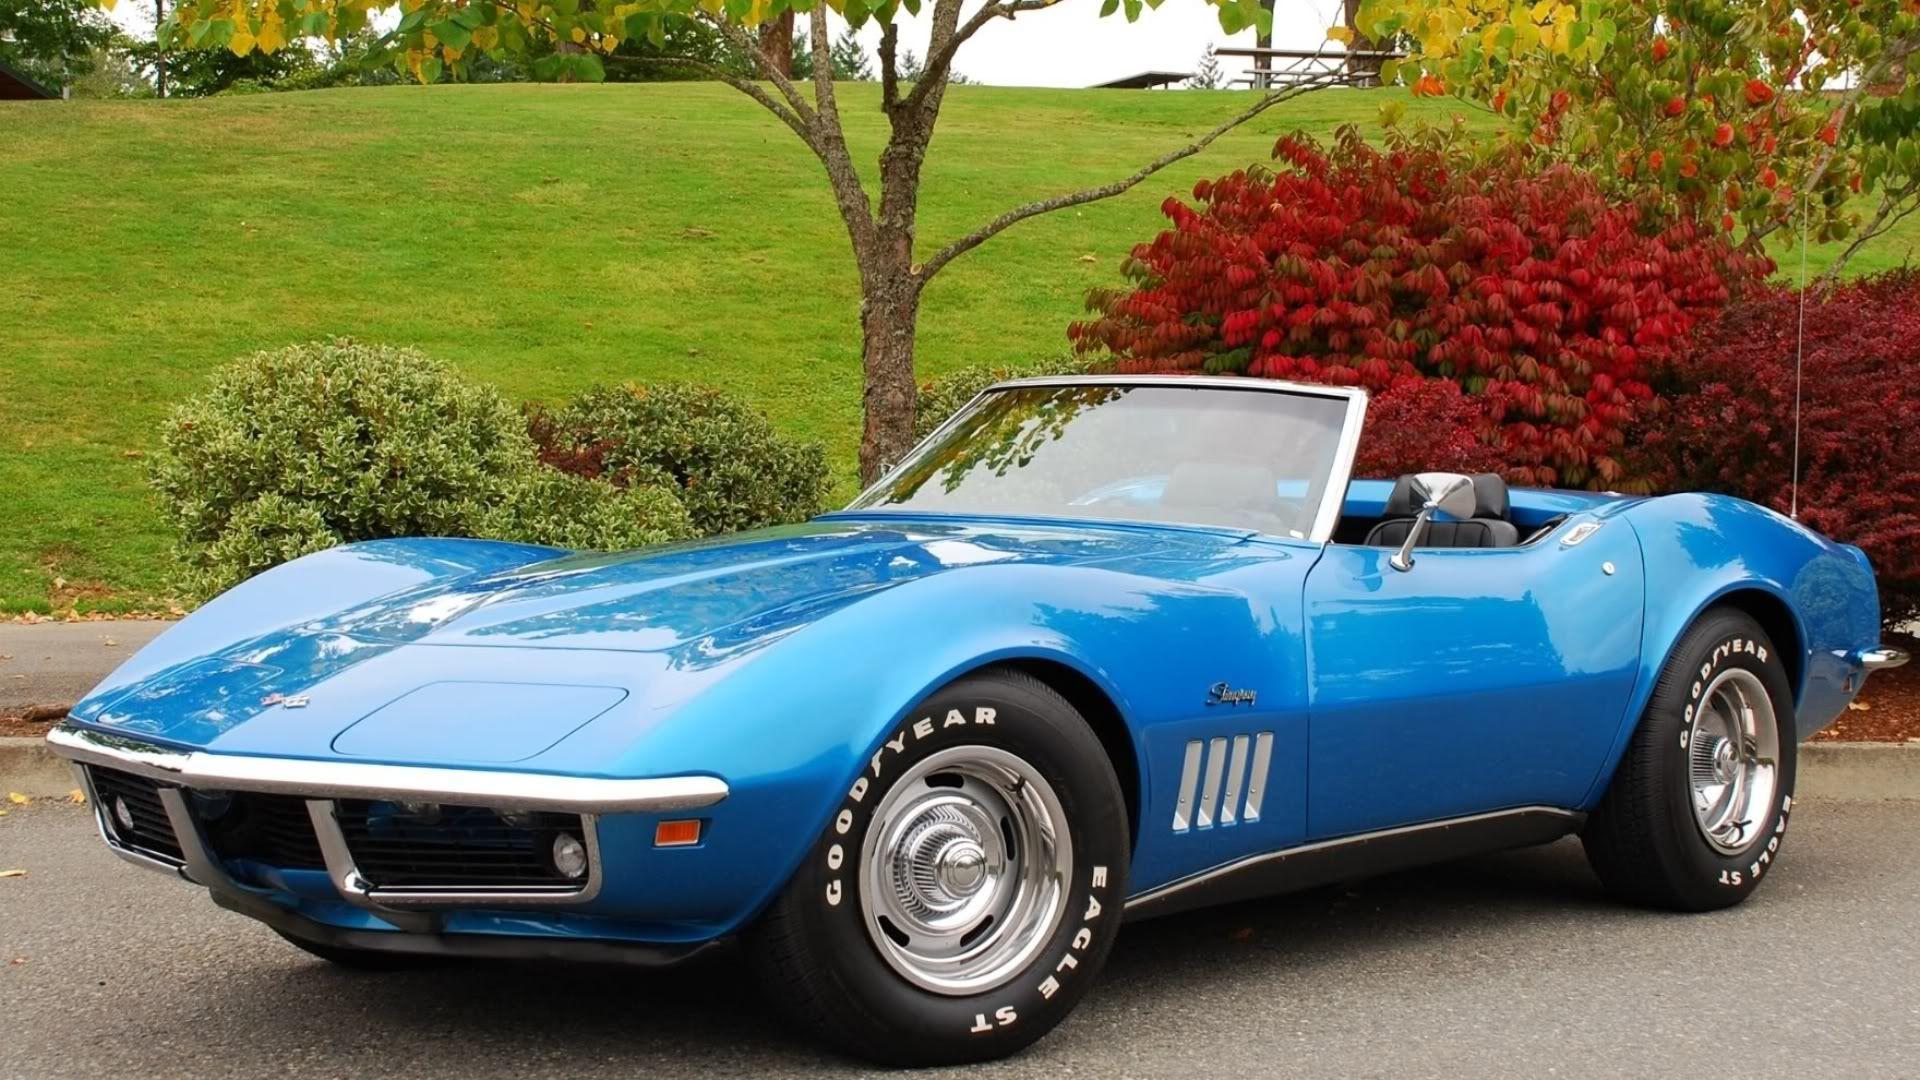 1968 corvette stingray evening page 4 corvette - Corvette Stingray Light Blue